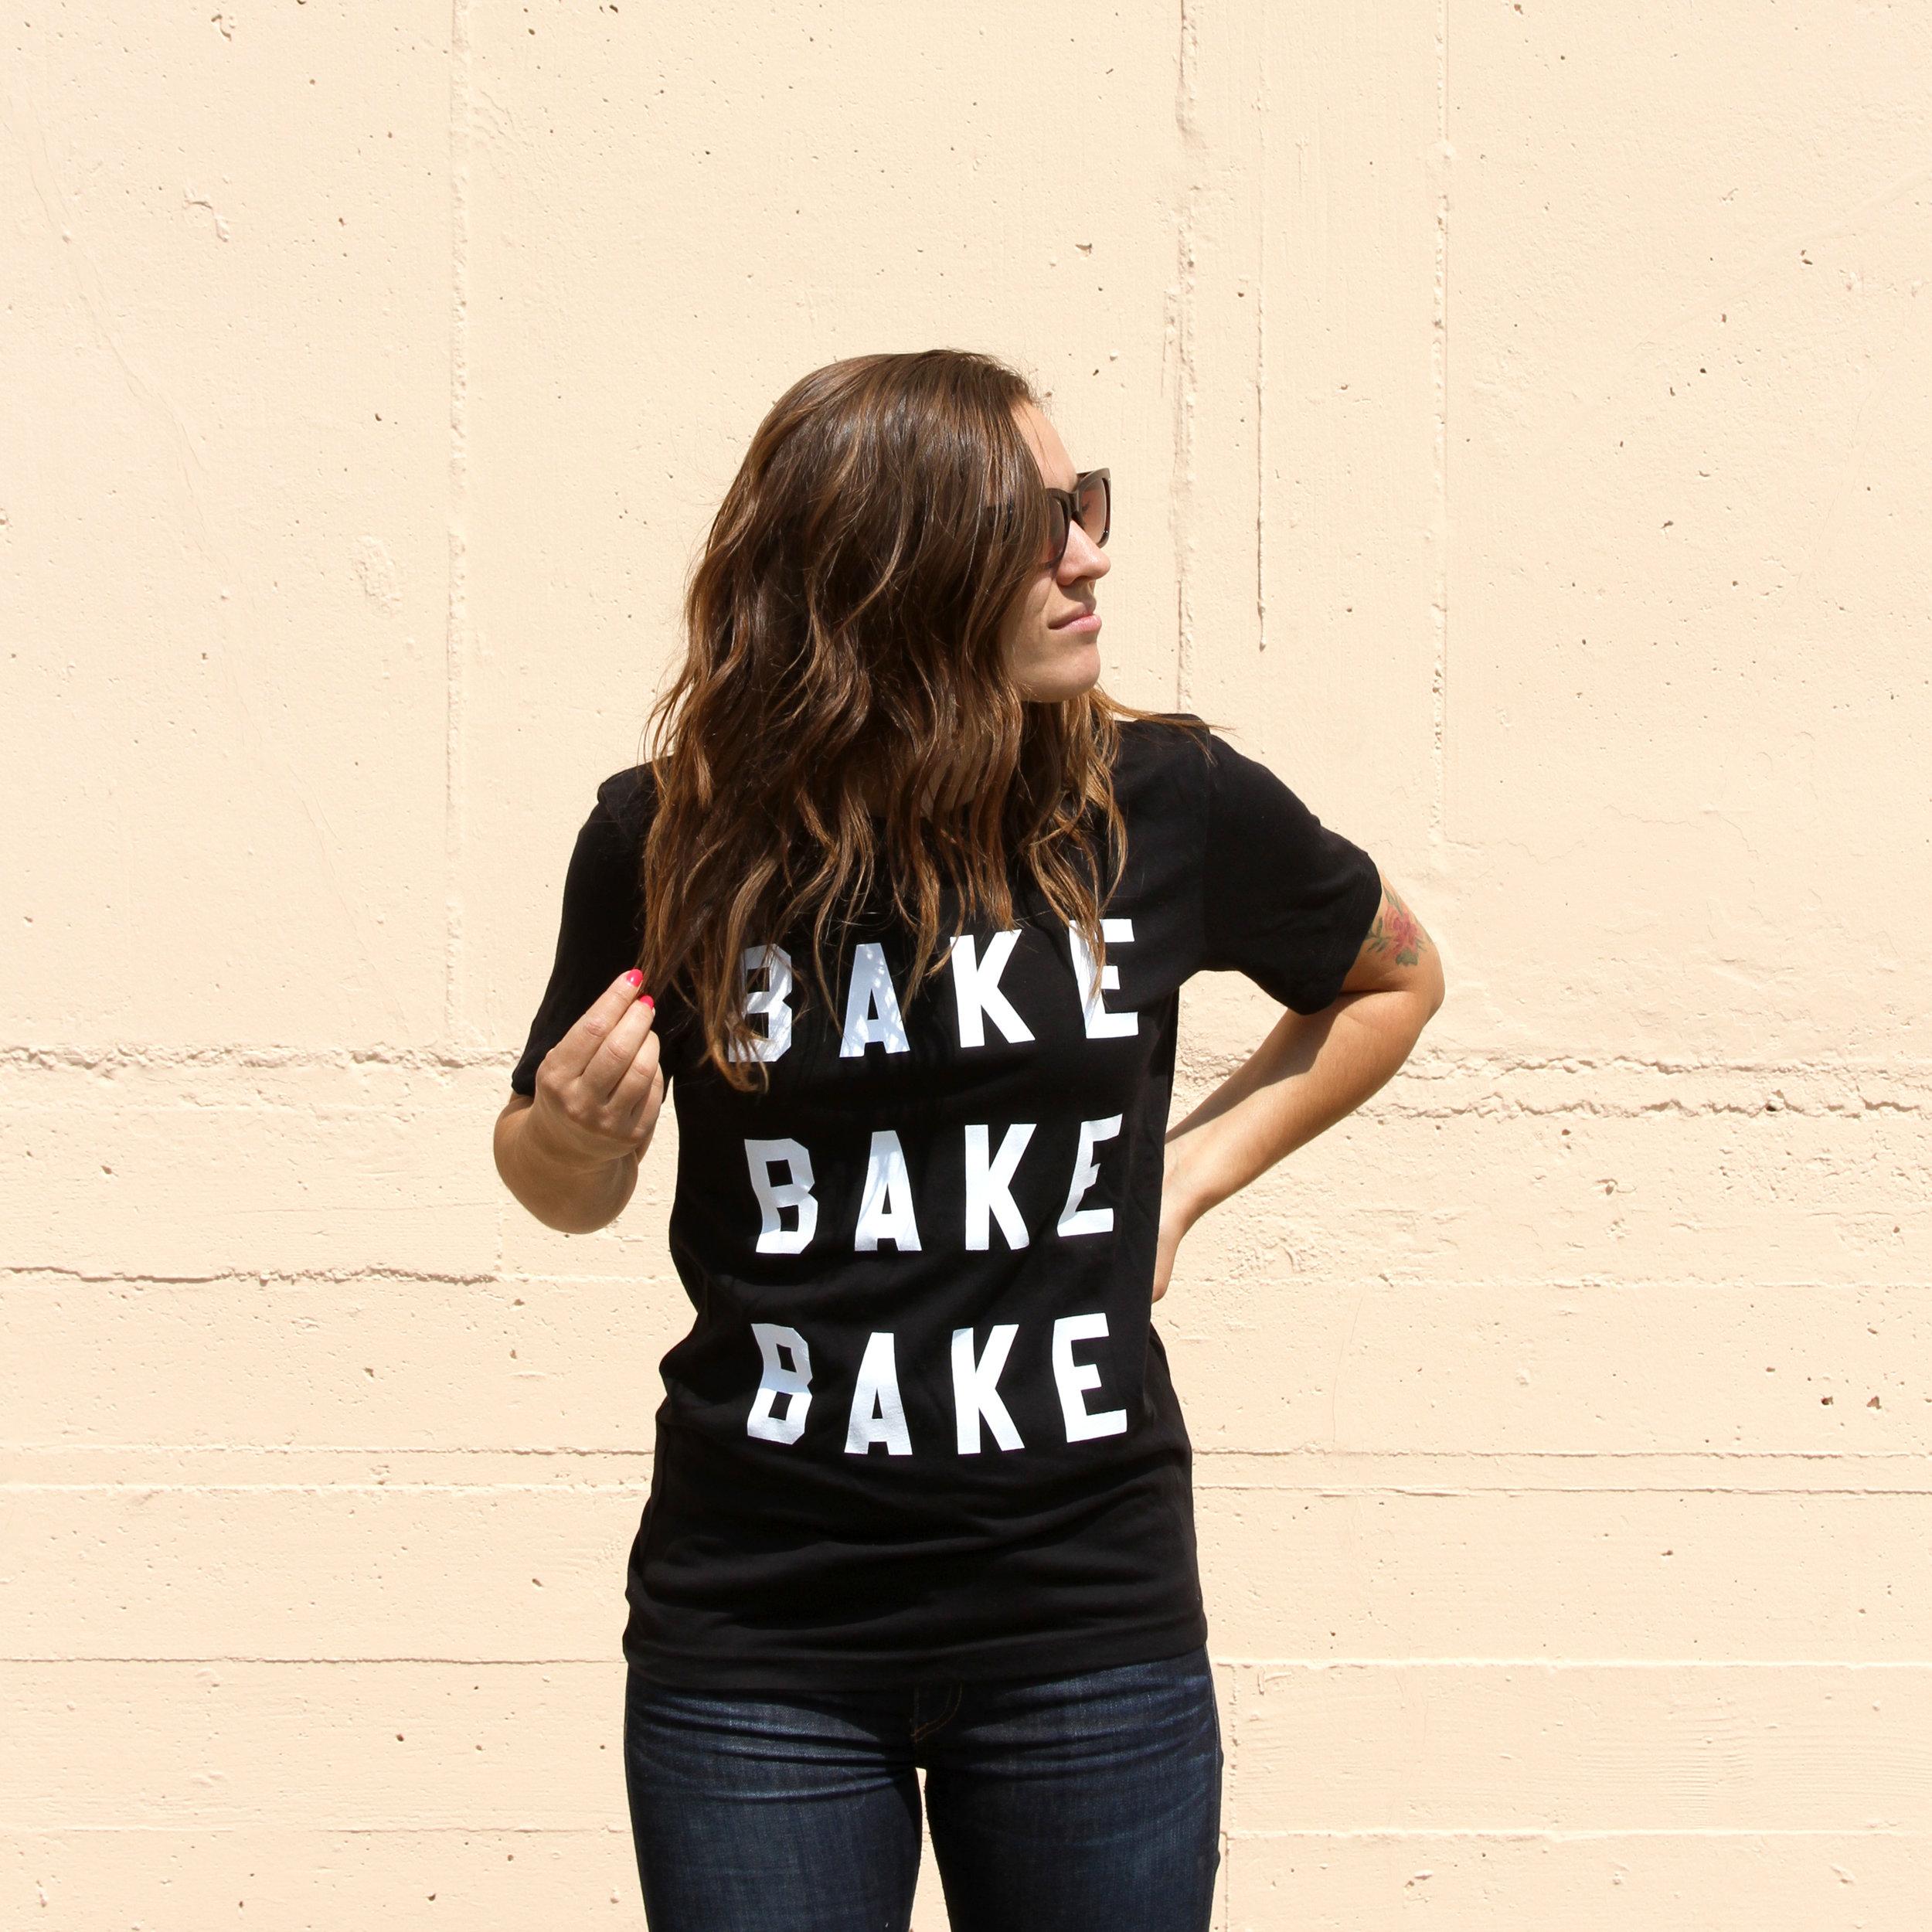 Bake Swag for Miss Jones